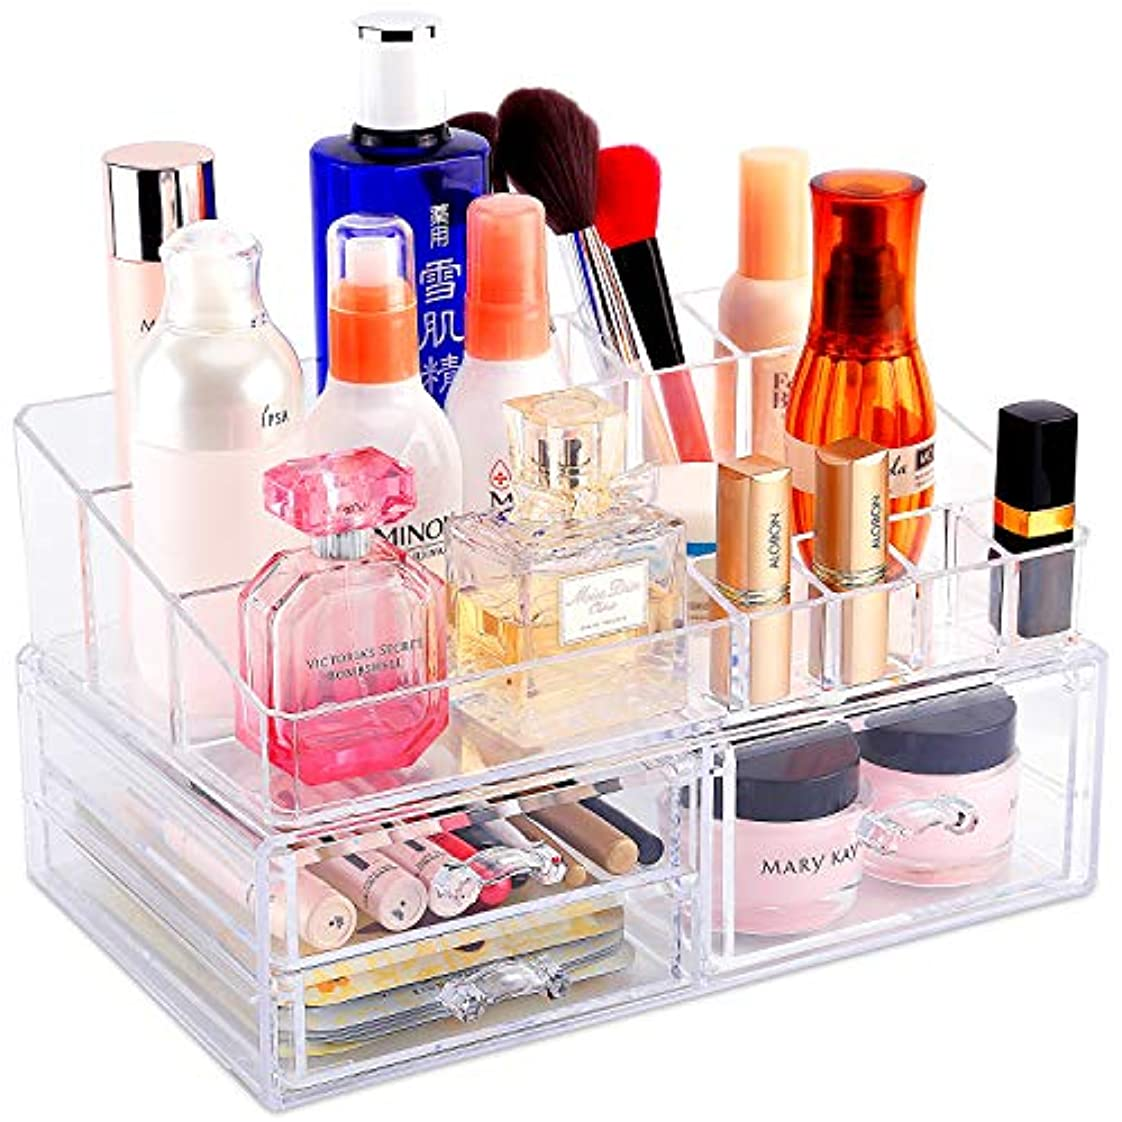 グラムテクニカル確かな化粧品収納ボックス メイクケース メイクボックス 大容量 騒音なし ジュエリー?アクセサリー収納 小物入れ 引き出し式 透明(二段式)